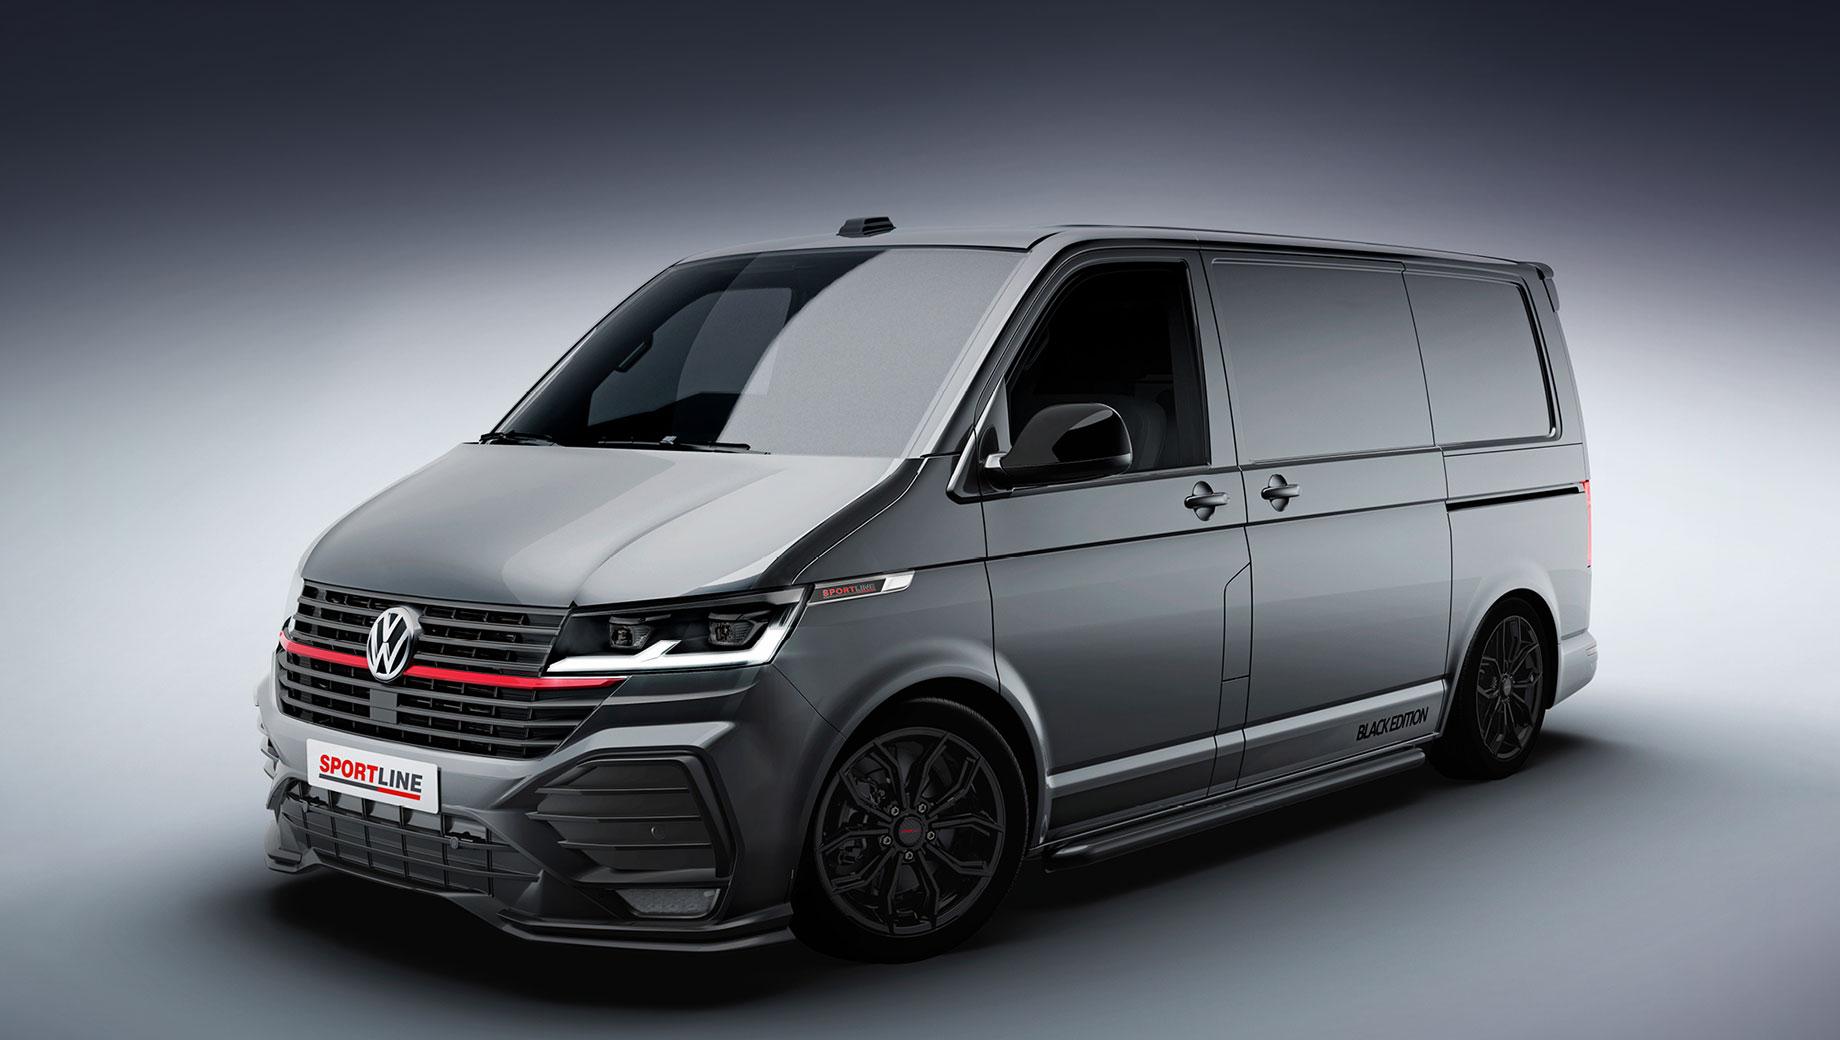 Фургон Volkswagen Transporter примерил гоночный стиль в Британии